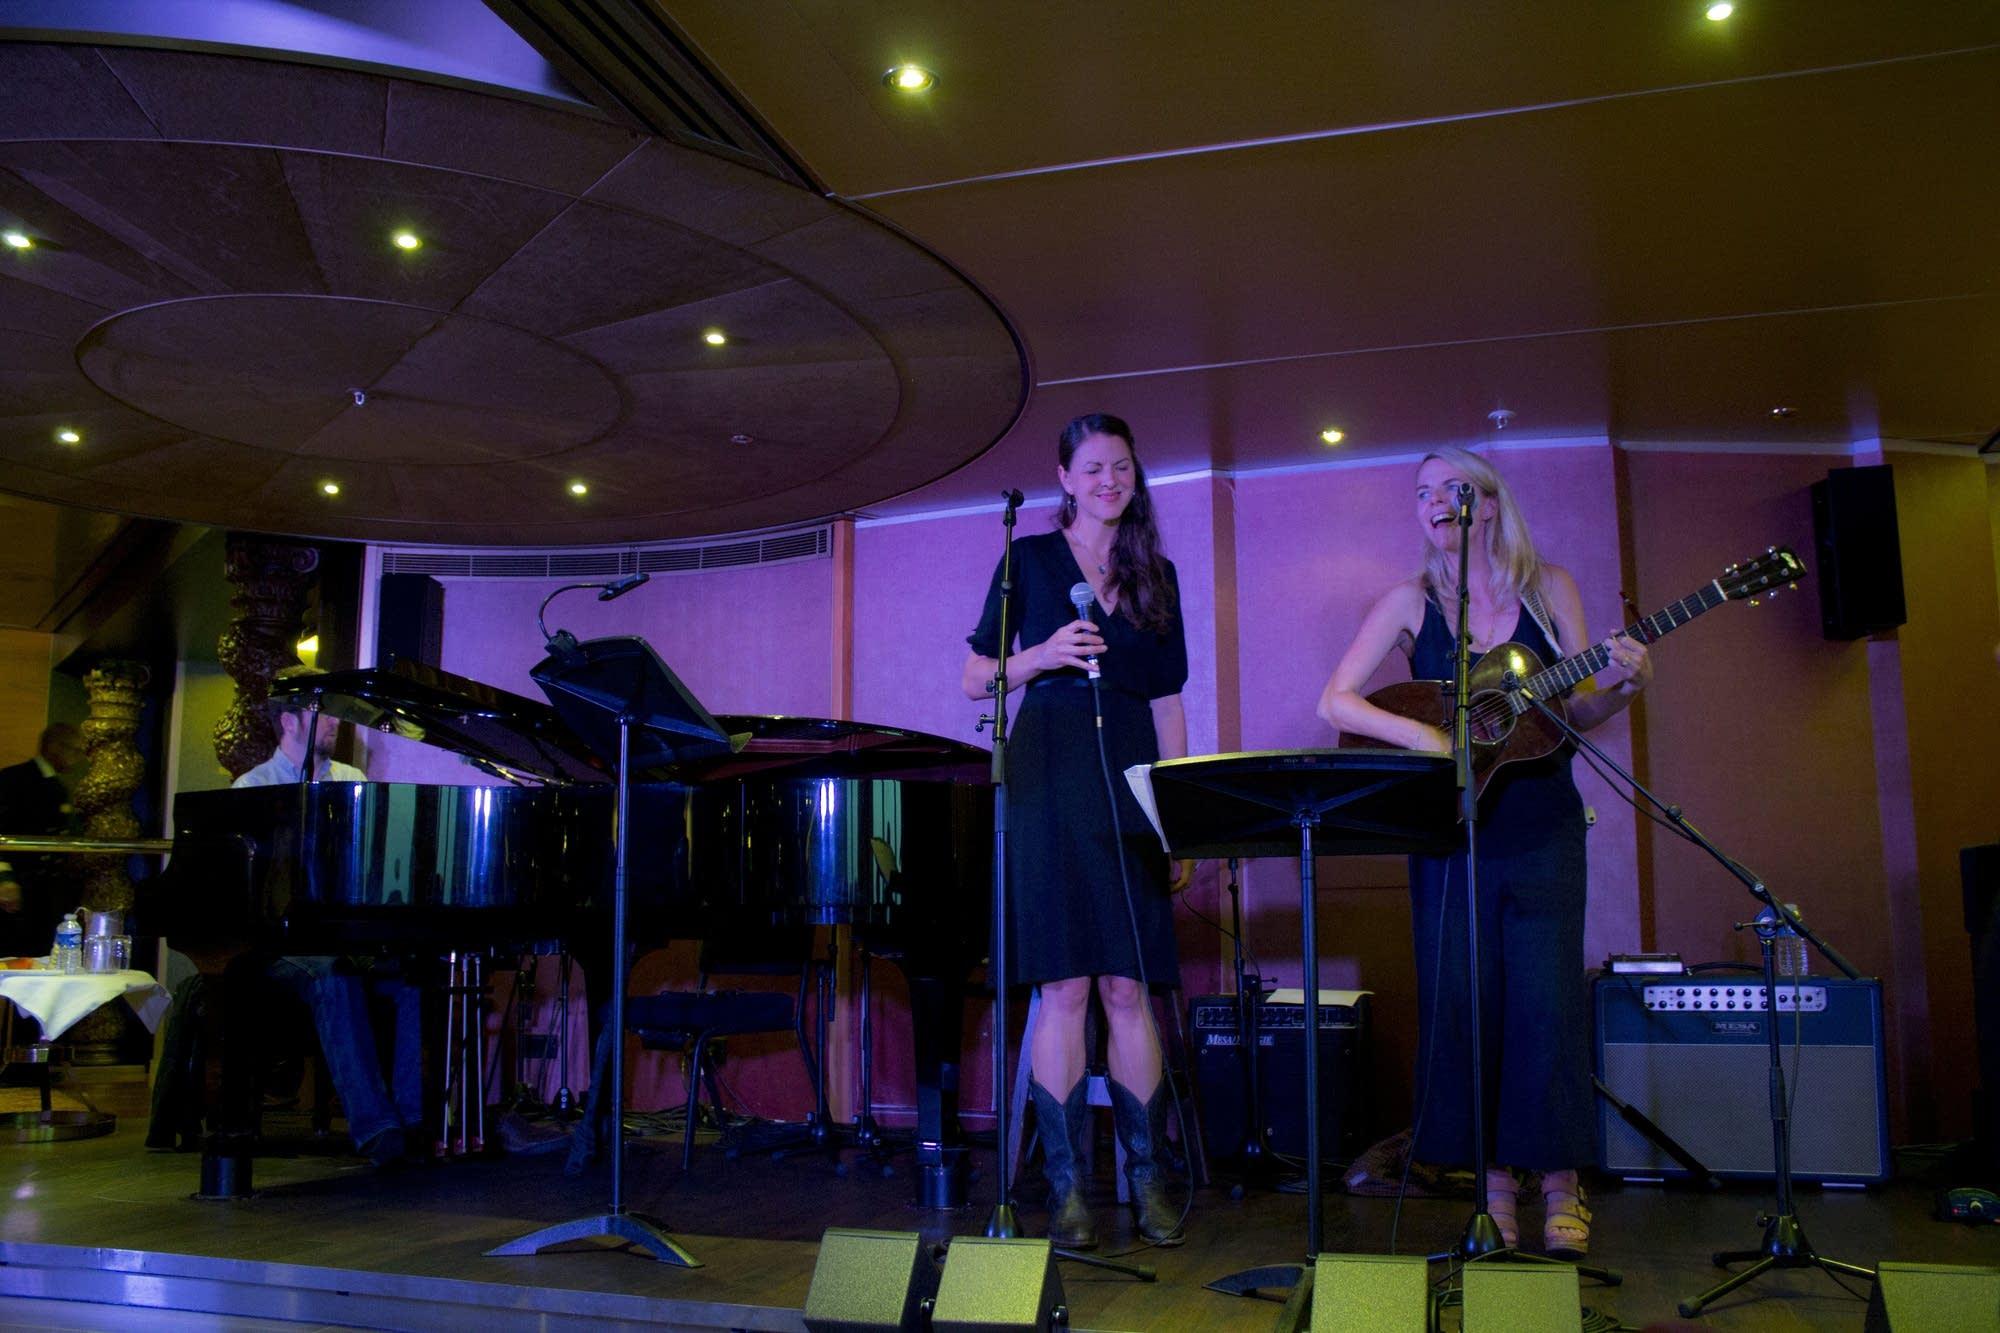 Edinburgh - 15 - Heather and Aoife